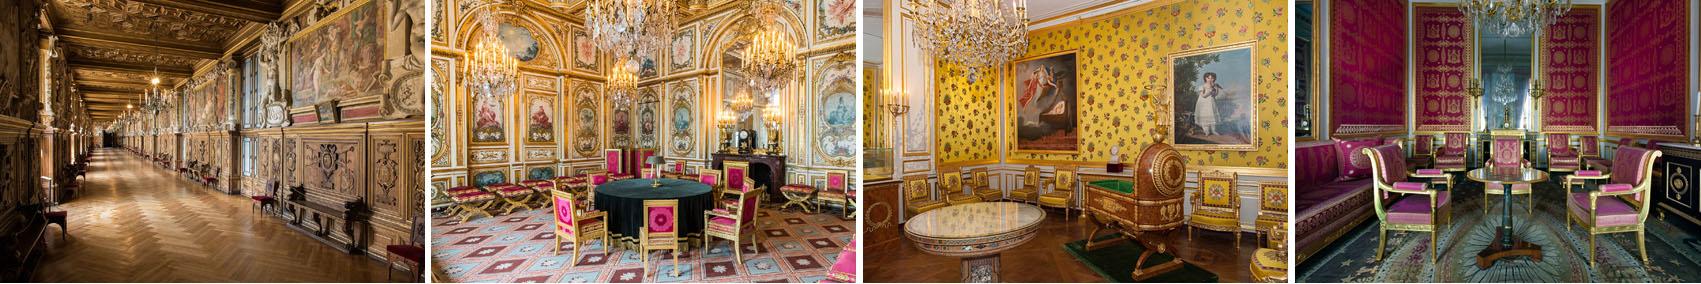 Galerie Francois Ier - Salle du Conseil - © Serge Reby / Salon d'abdication Grands Appartements - © Béatrice Lécuyer Bibal